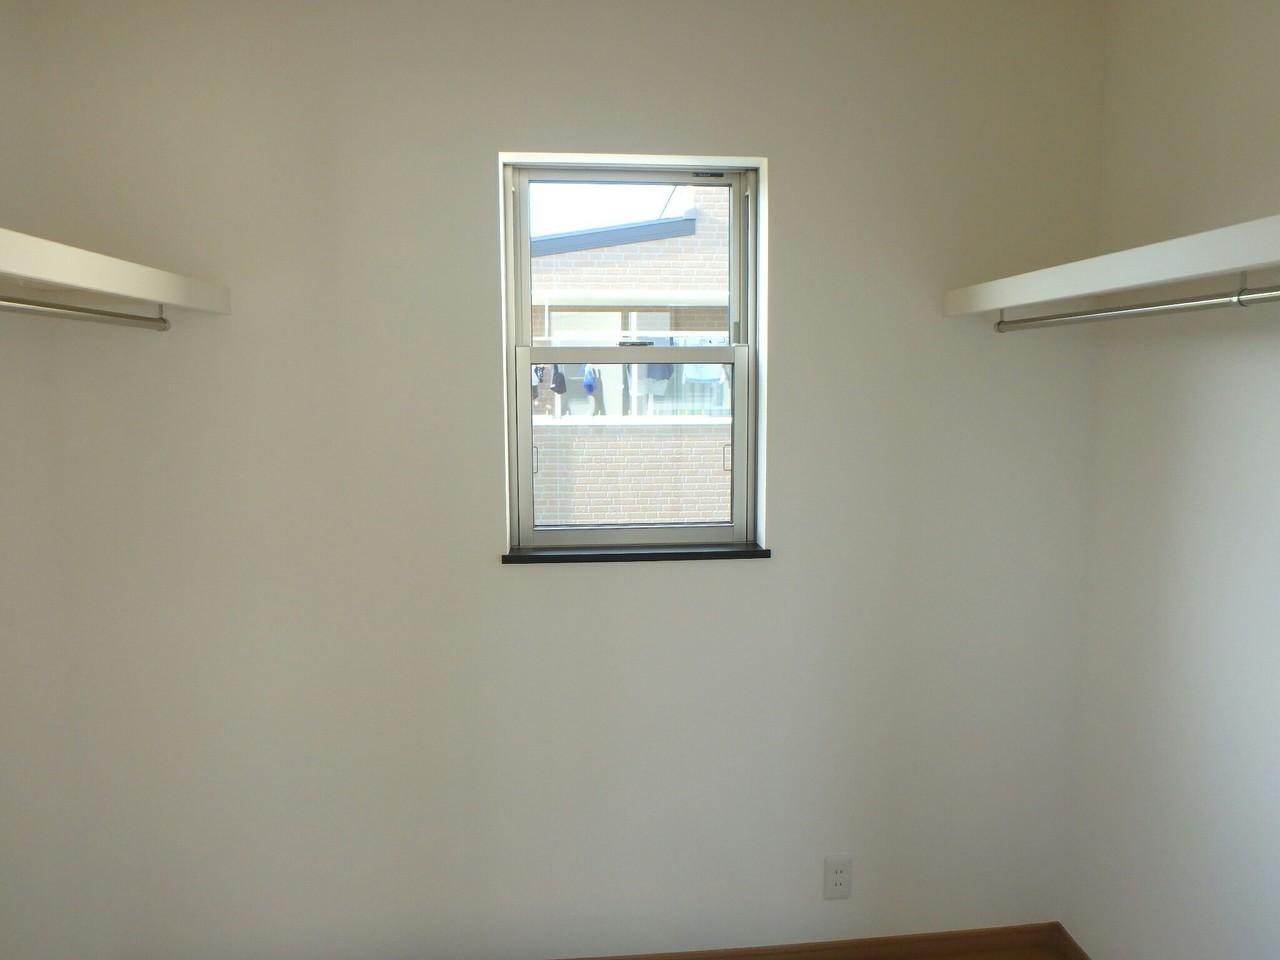 2階7畳の広めの洋室です。 ウォークインクローゼットは両面に衣類をかけられる作りになっていて 収納力抜群です!!